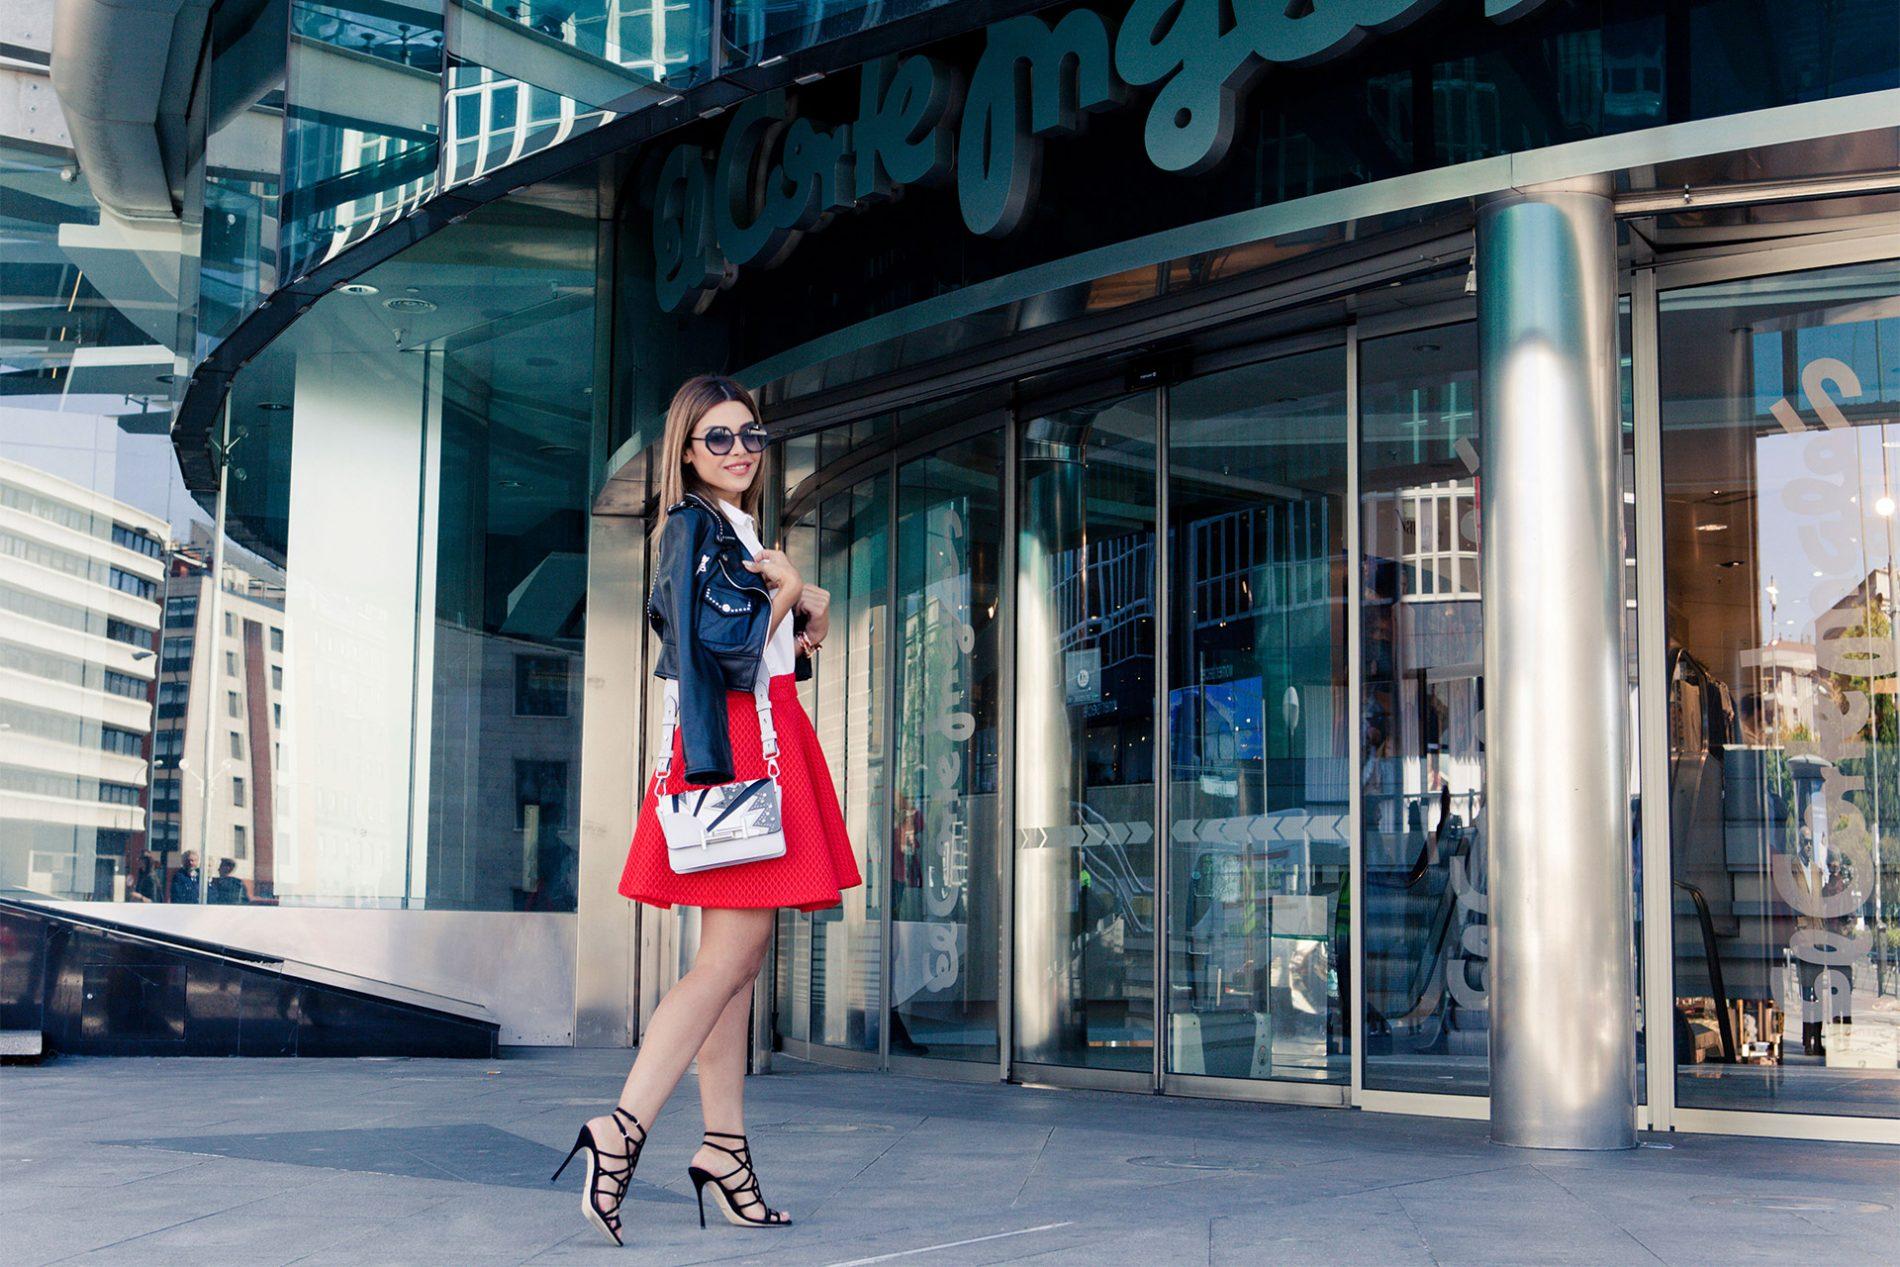 Yalda Golsharifi Blogger Sergio Rossi Fendi Tods Madrid